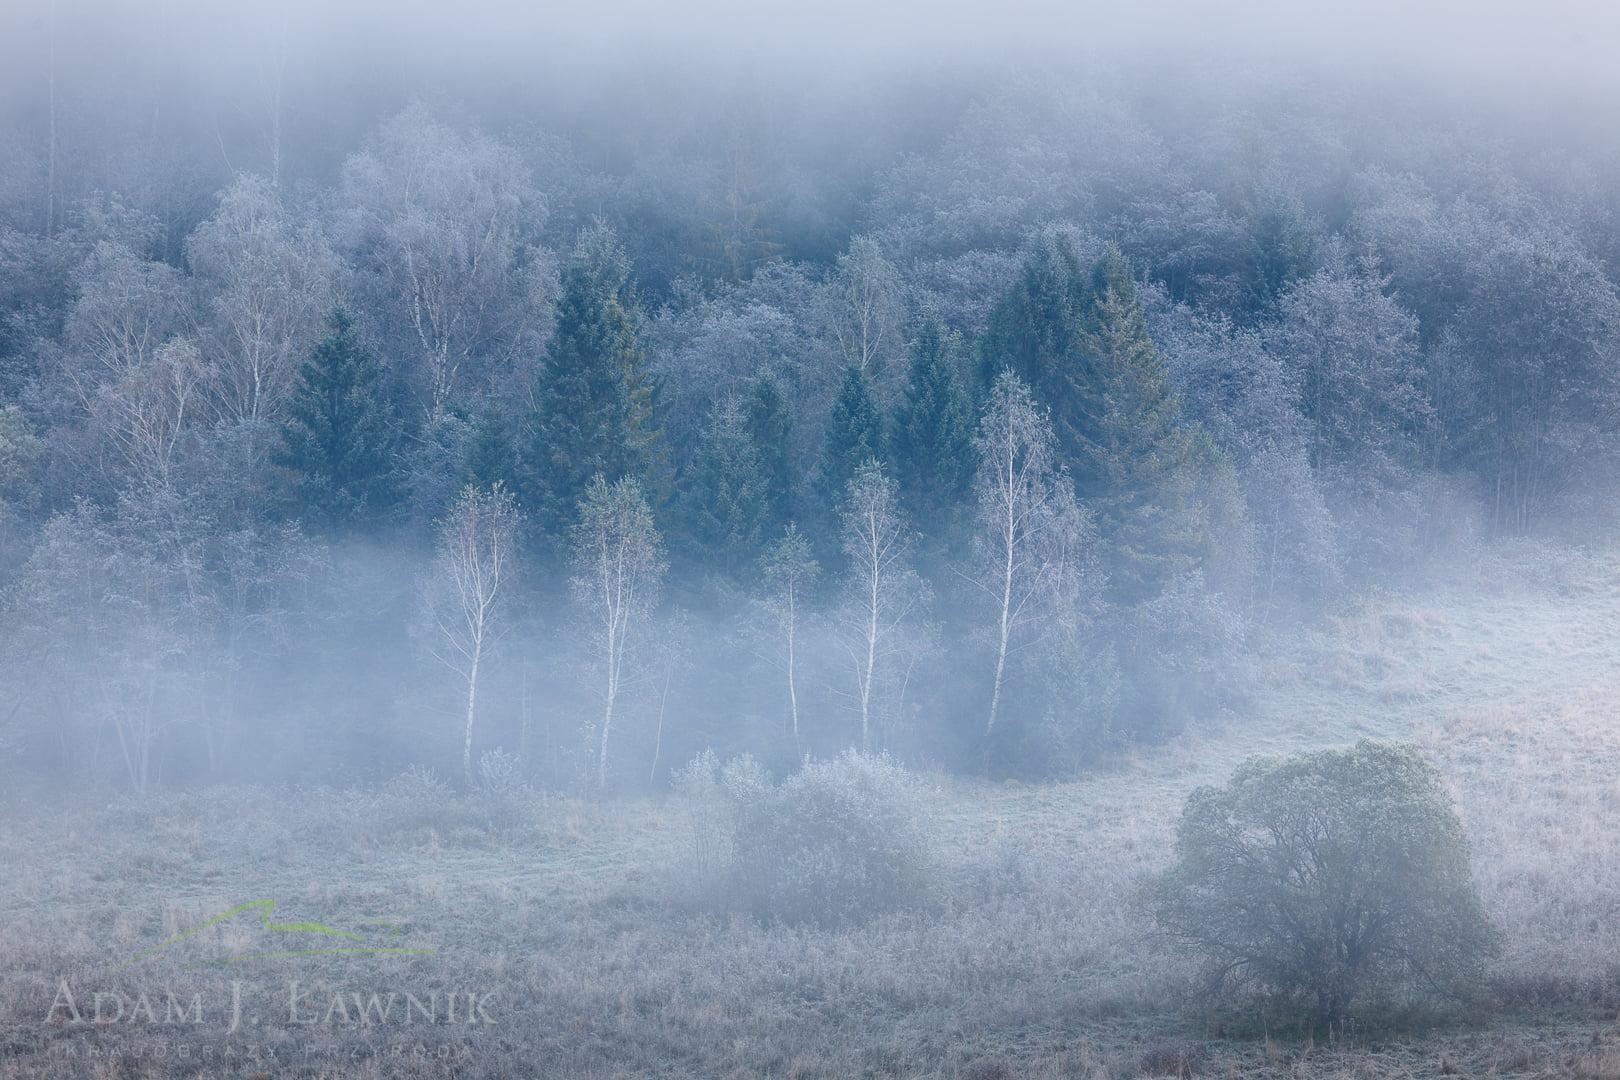 Bieszczady National Park, Poland 1010-01439C